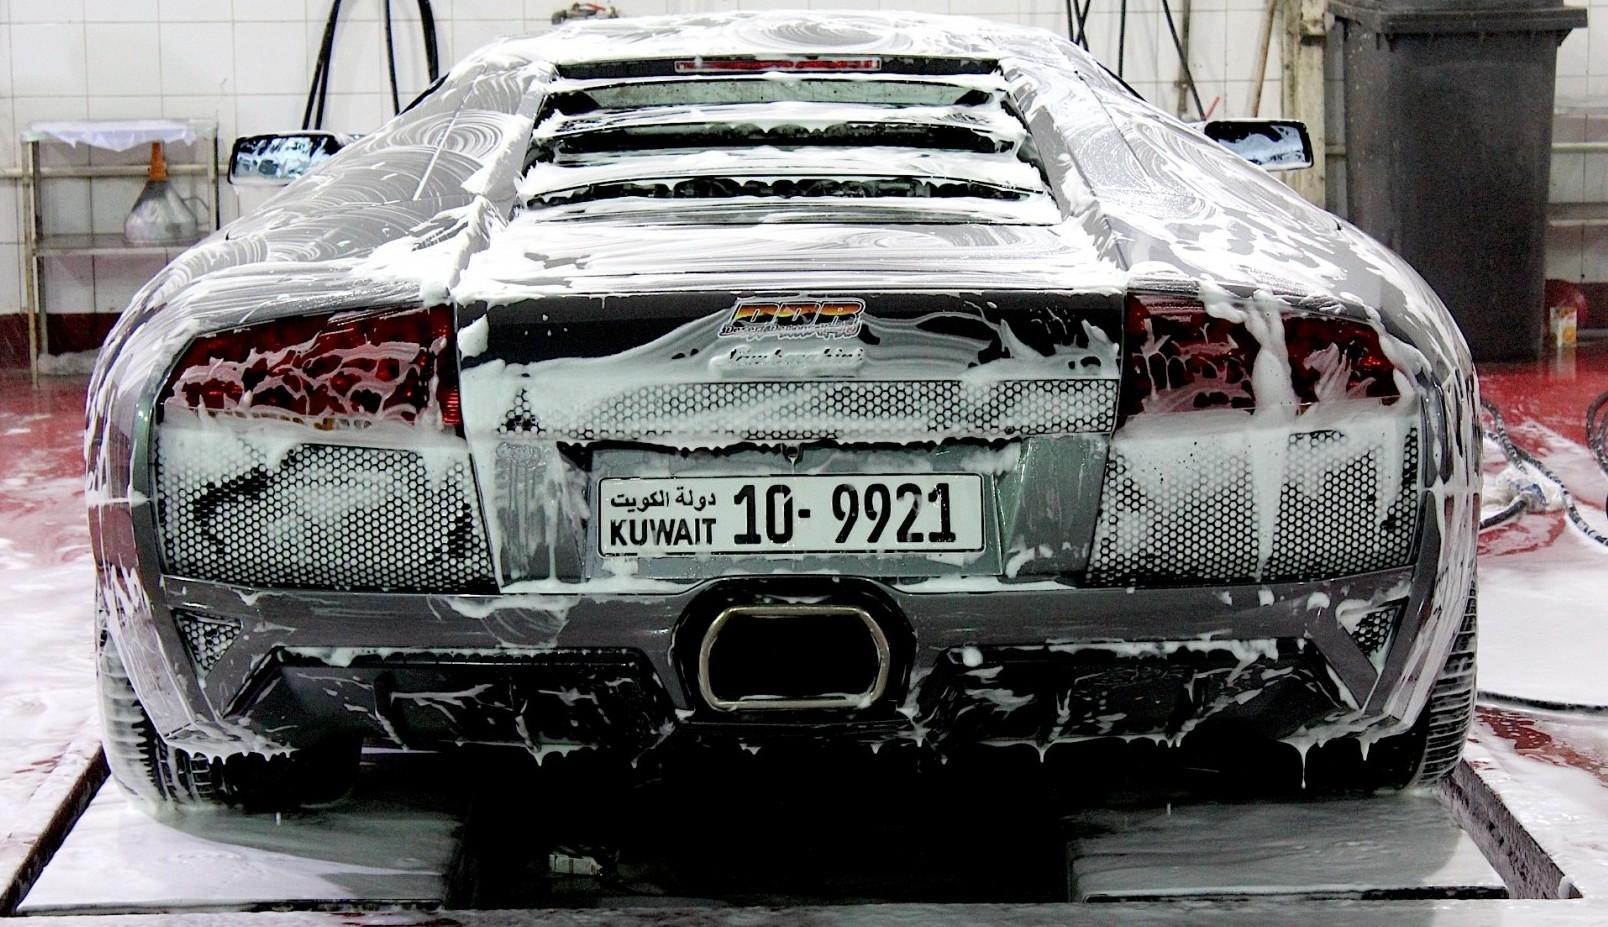 Gulfrun 7 carwash murci washed e1403733581674